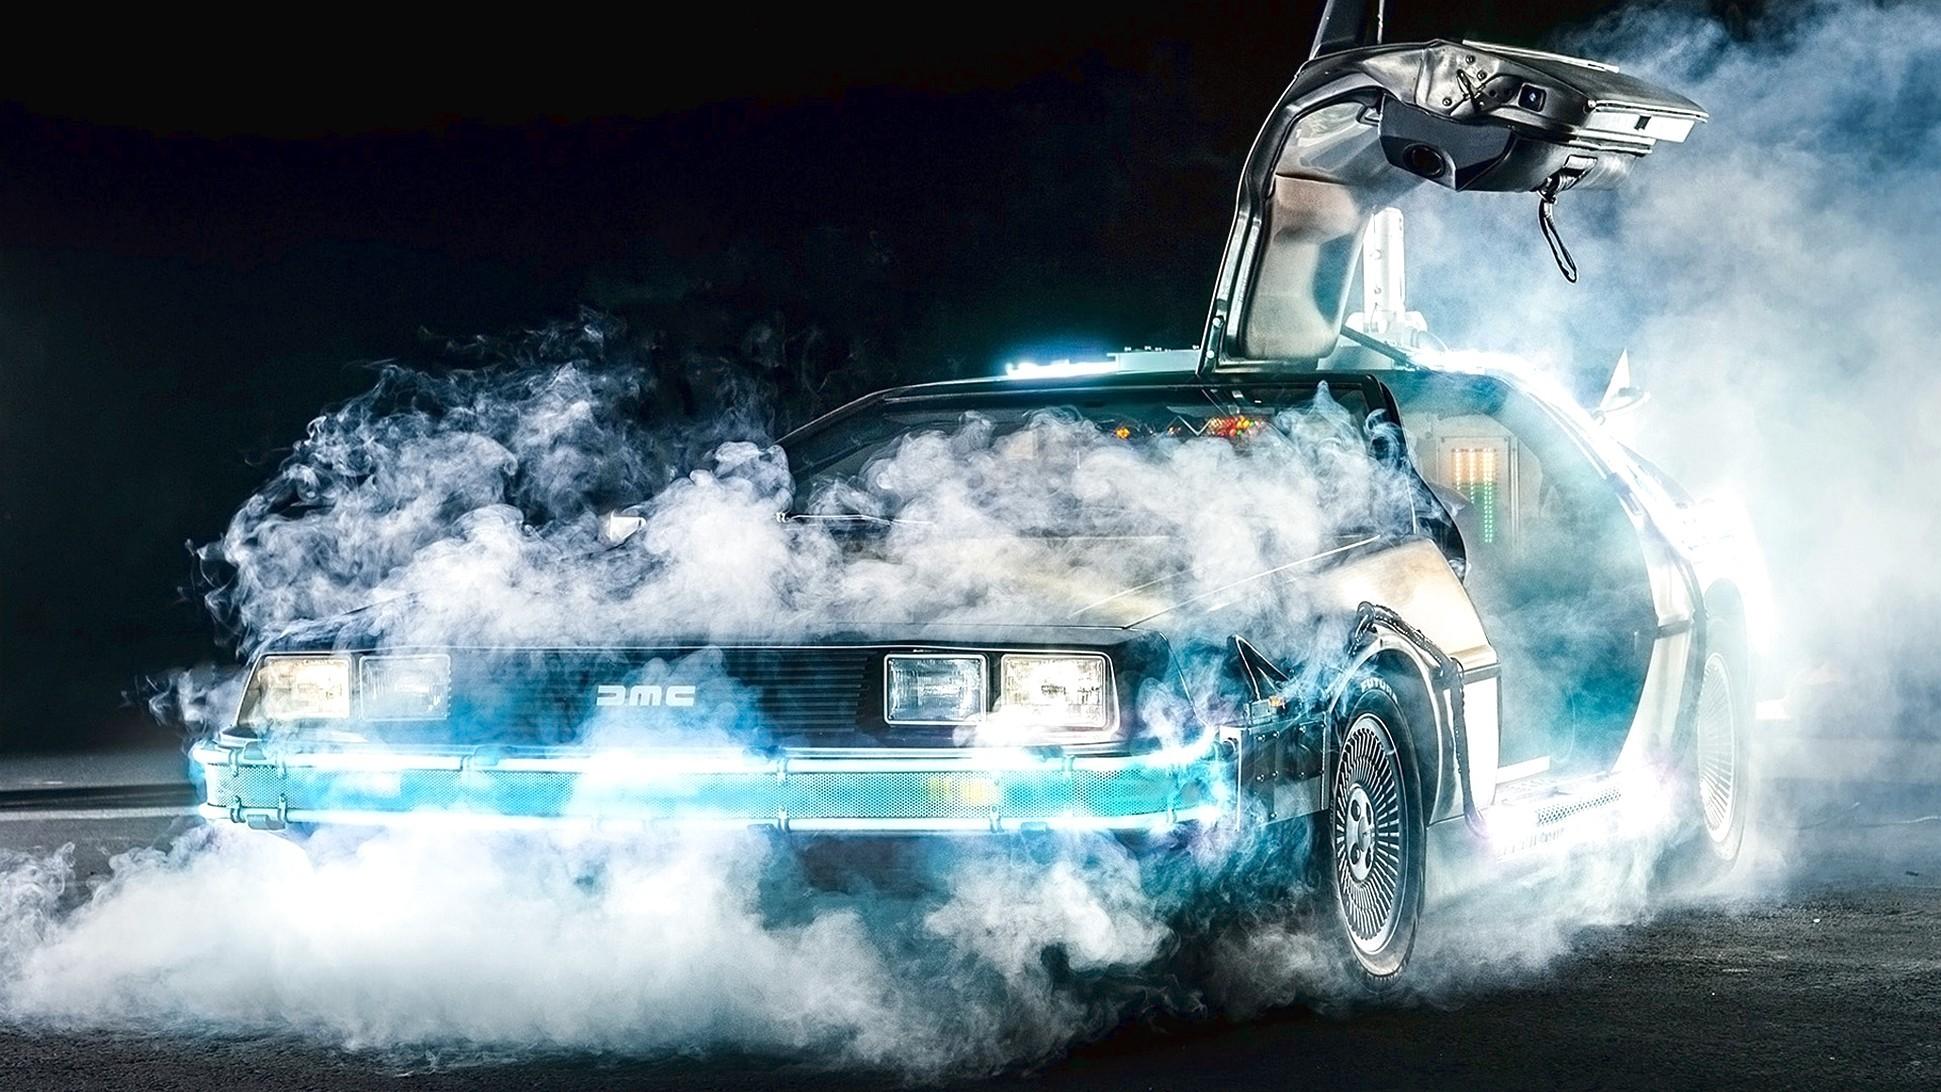 1985 Delorean Dmc 12 Back to the Future V6 Hd Car Wallpaper